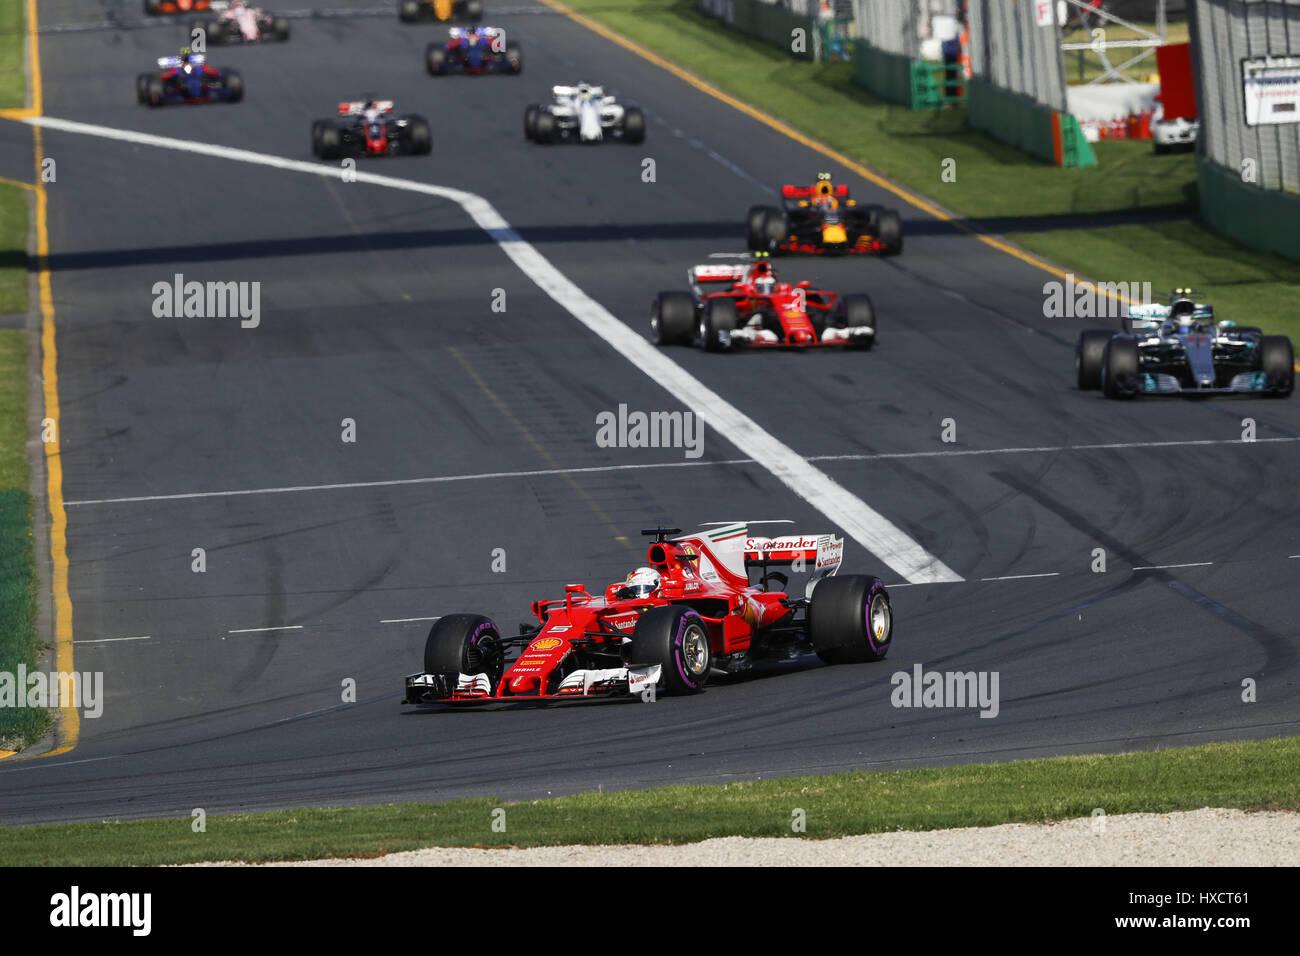 Melbourne, Australien. 26. März 2017. Motorsport: FIA Formel 1 Weltmeisterschaft 2017, Grand Prix von Australien, Stockfoto